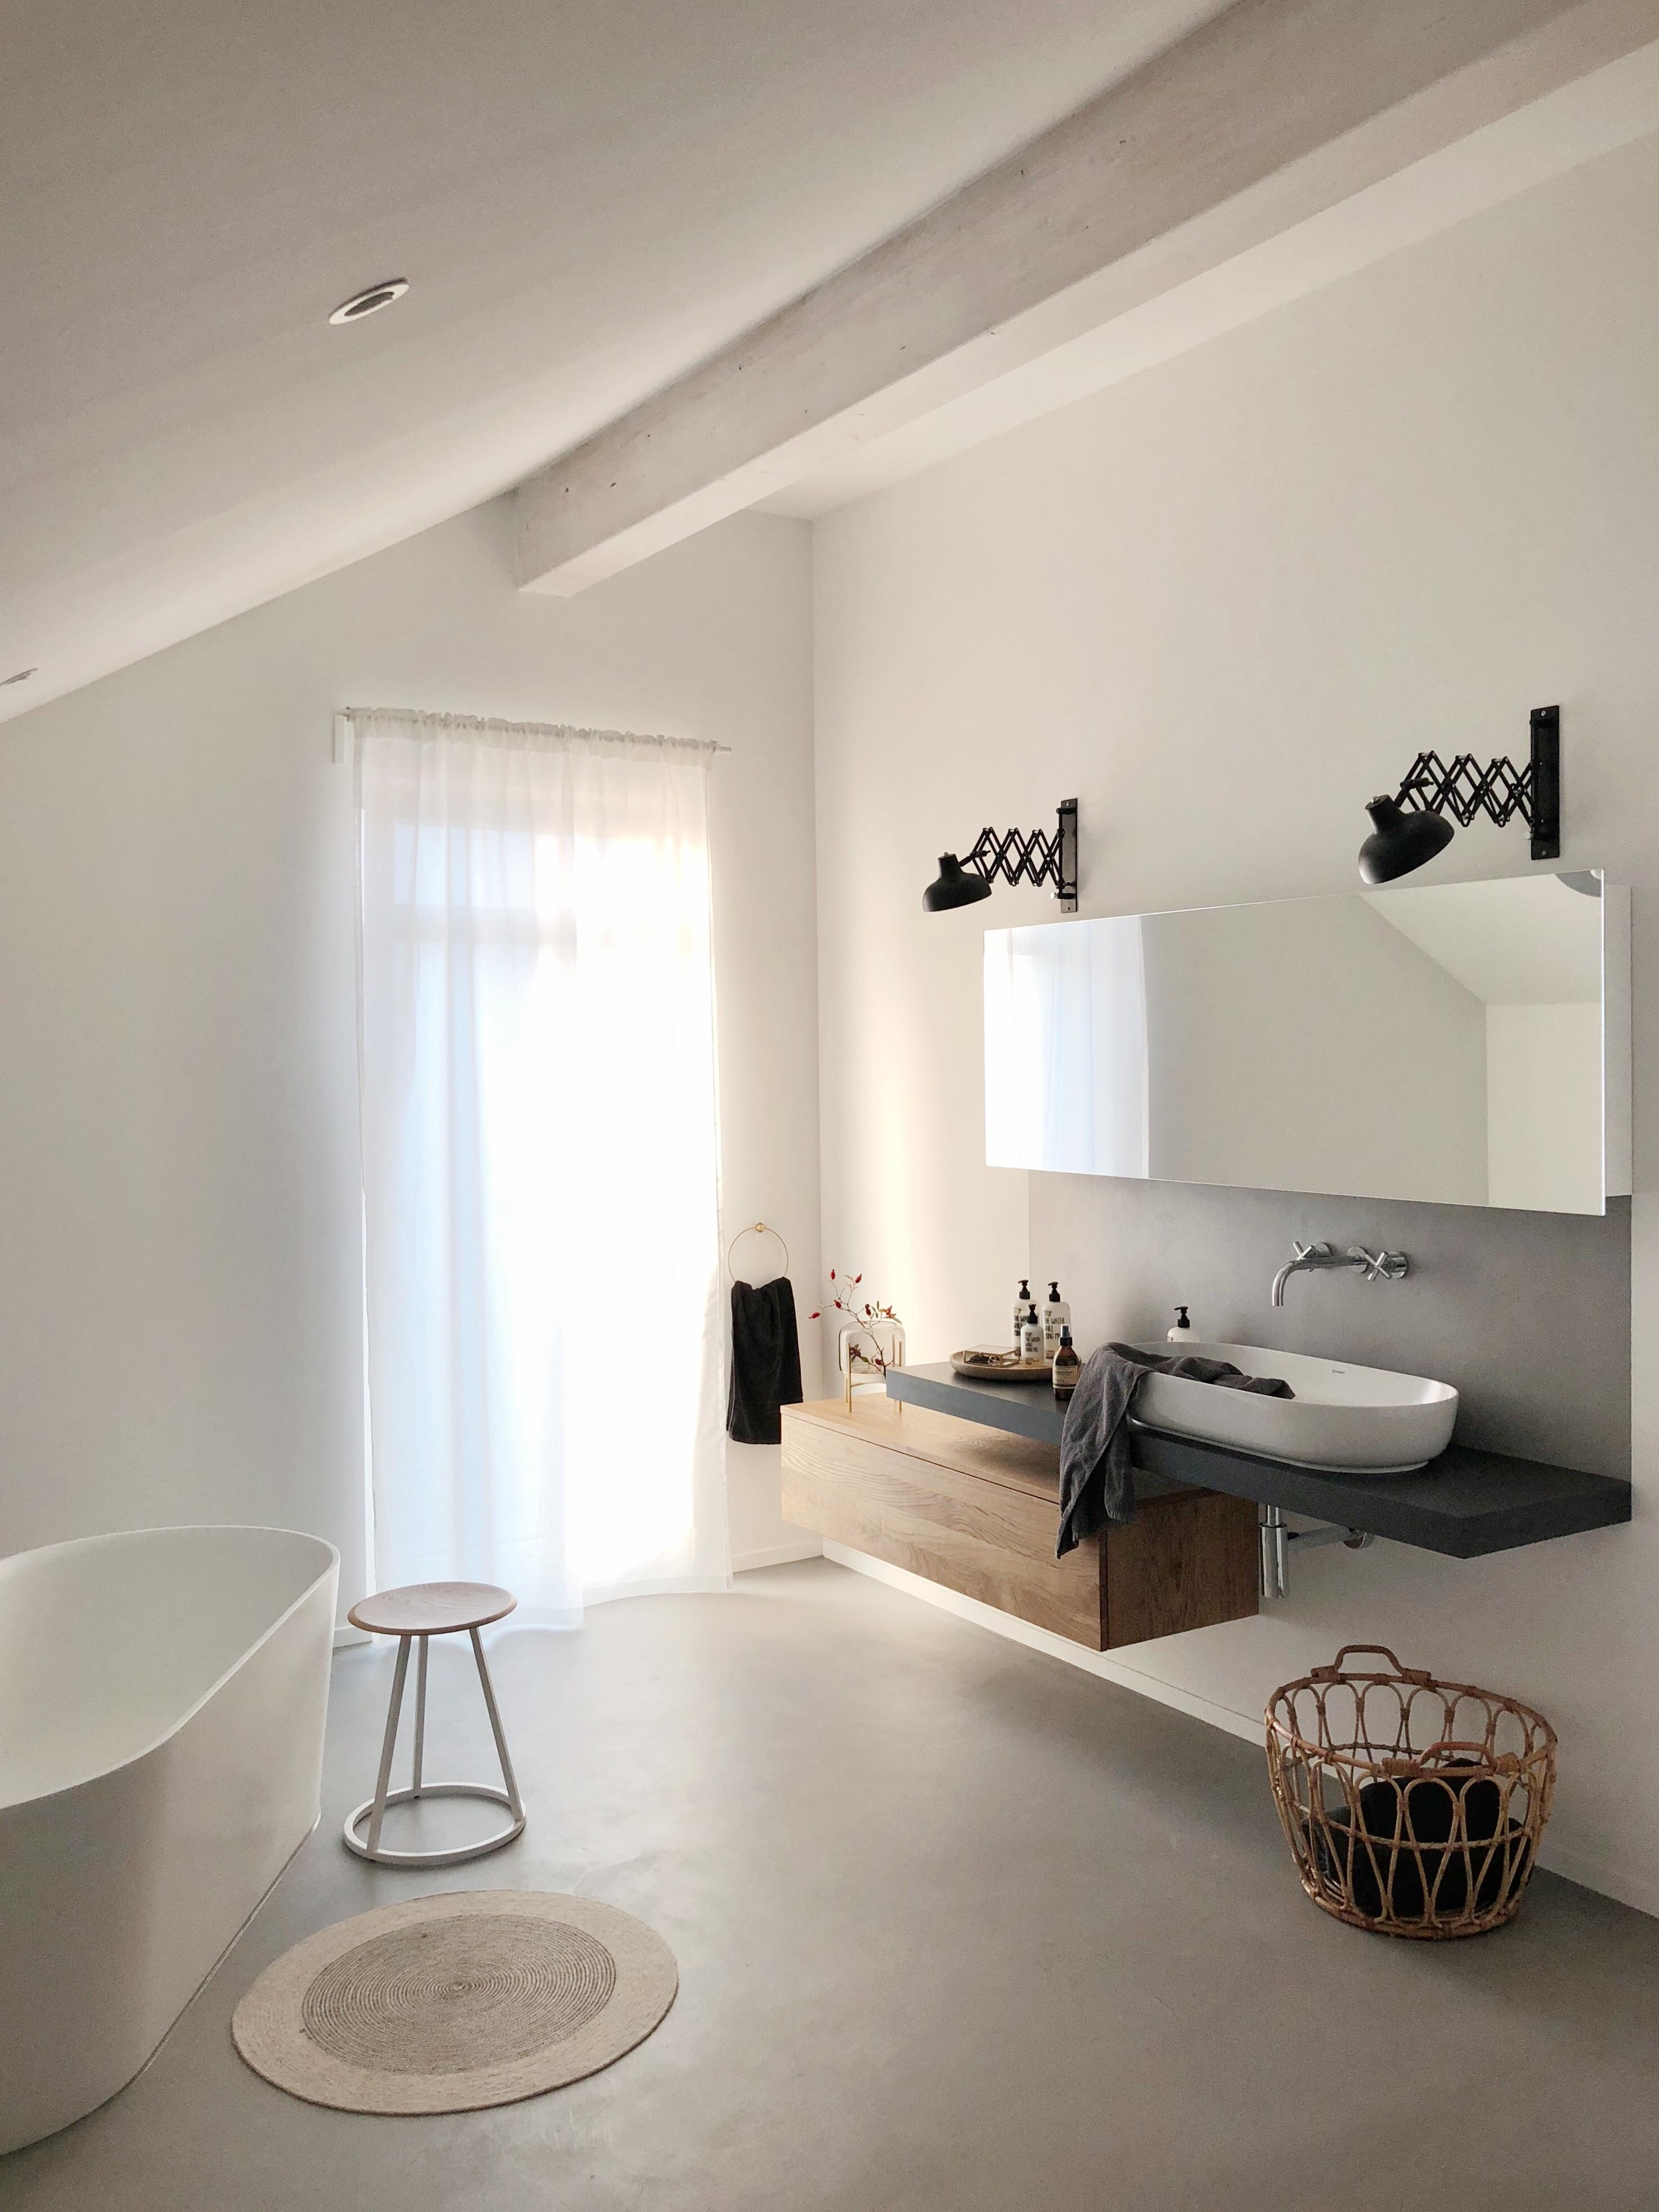 Unser Minimalistisches Badezimmer #bathroom#badezimmer#pure